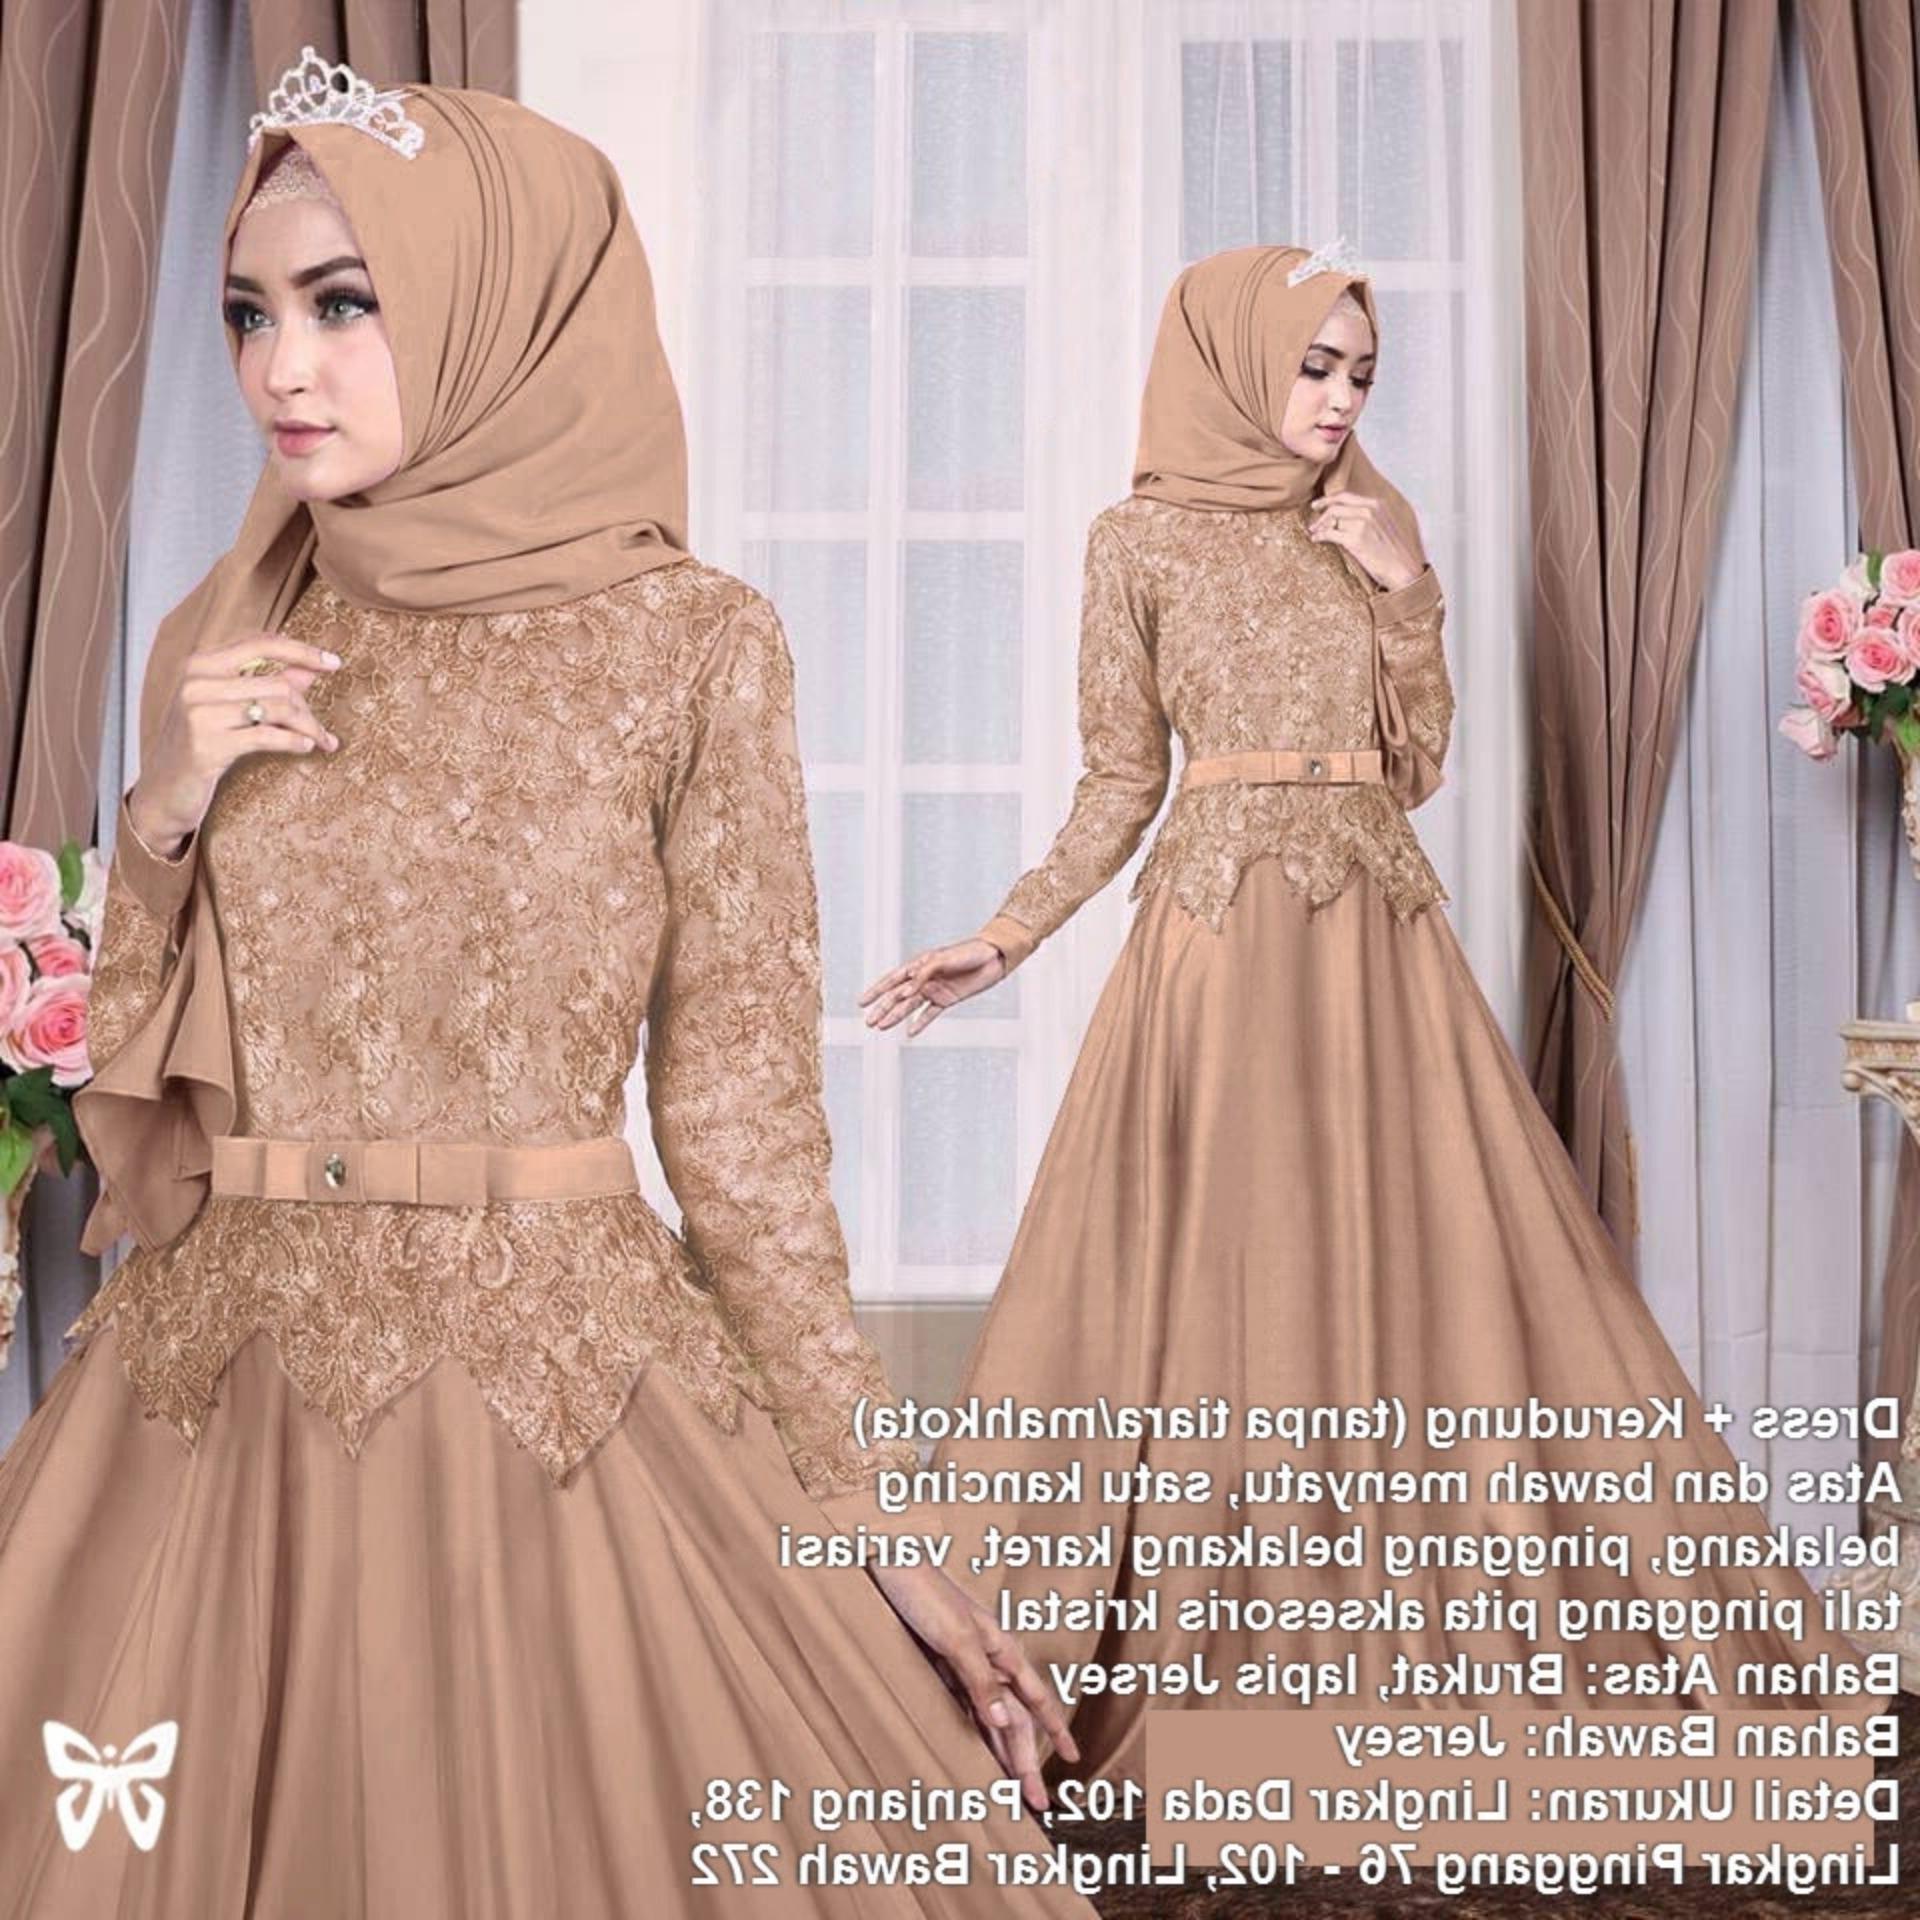 Design Gamis Resepsi Pernikahan Y7du Harga Gaun Pengantin Muslimah Unik Inilah Harga Gaun Gamis